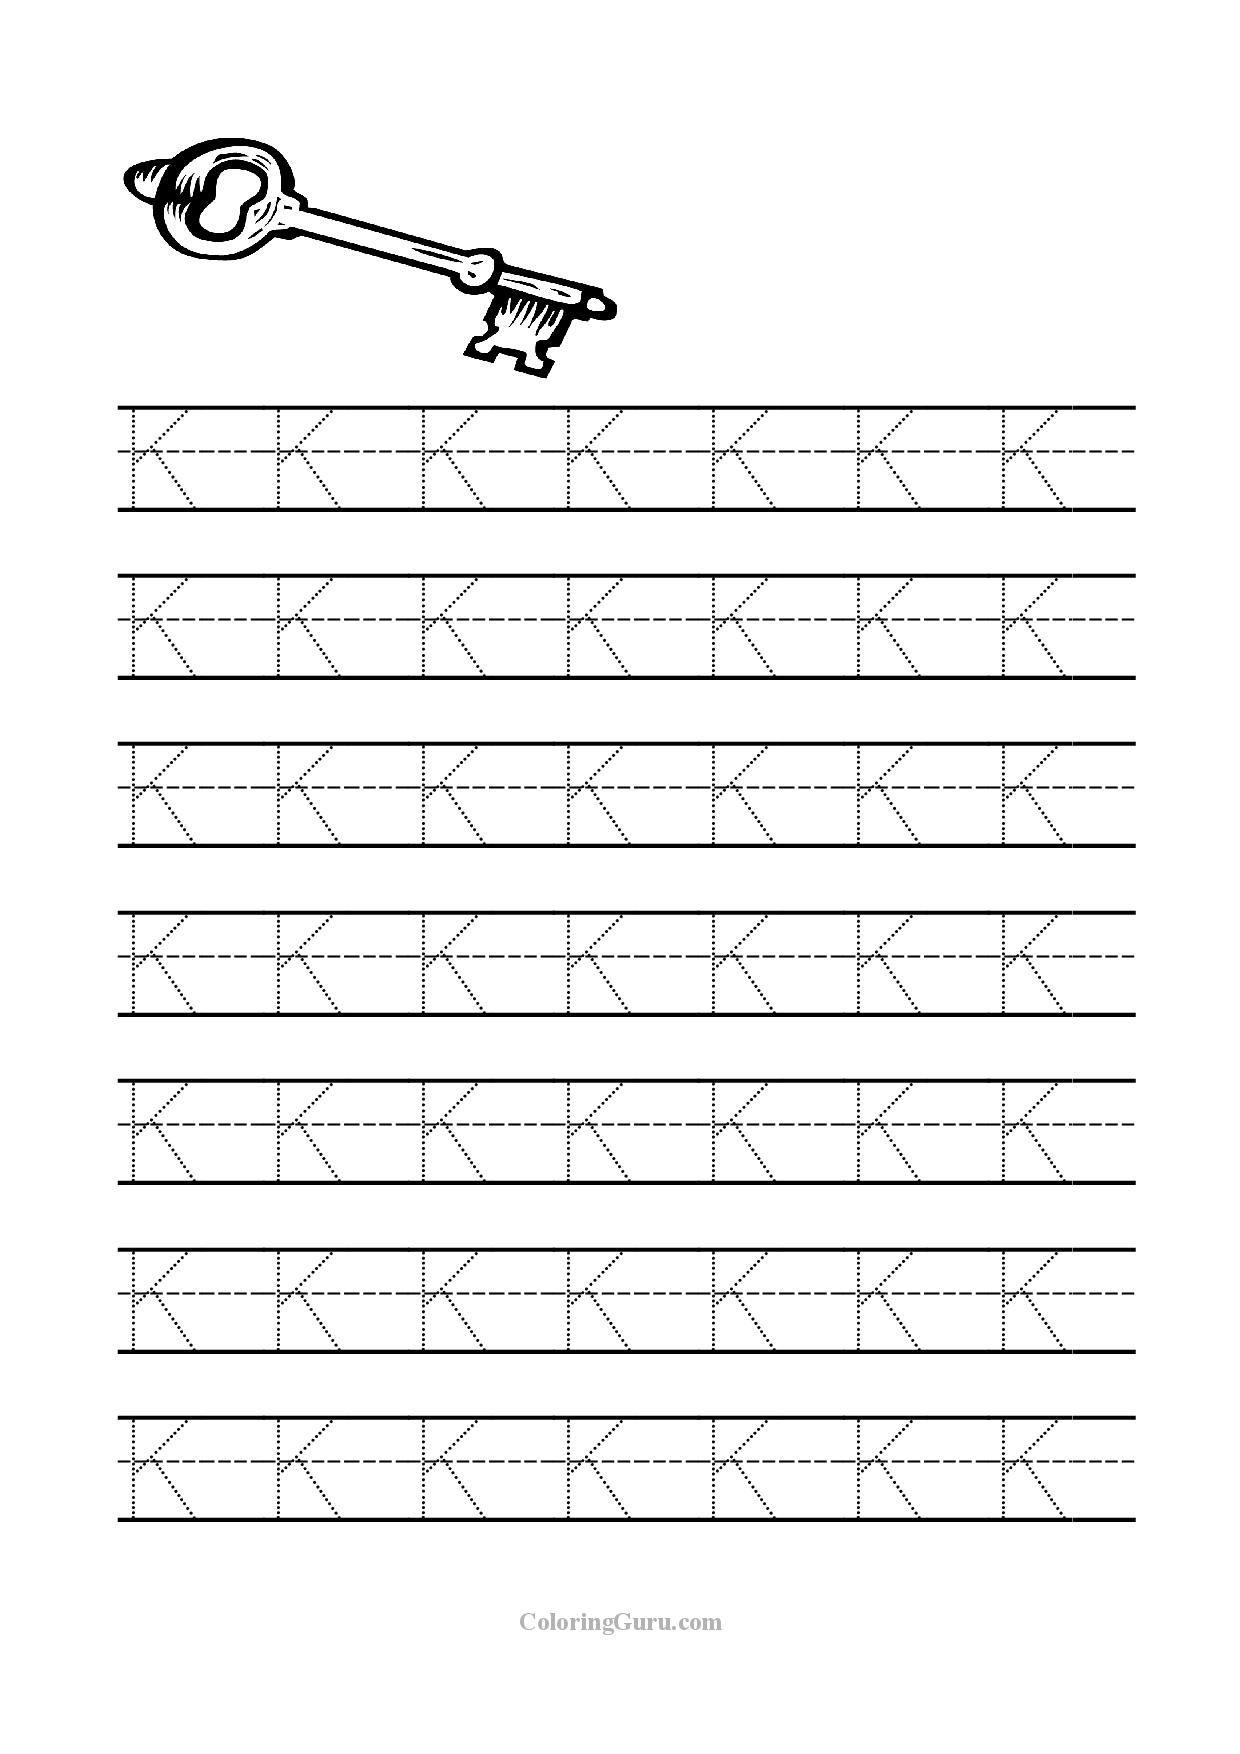 Tracing Letter K Worksheets